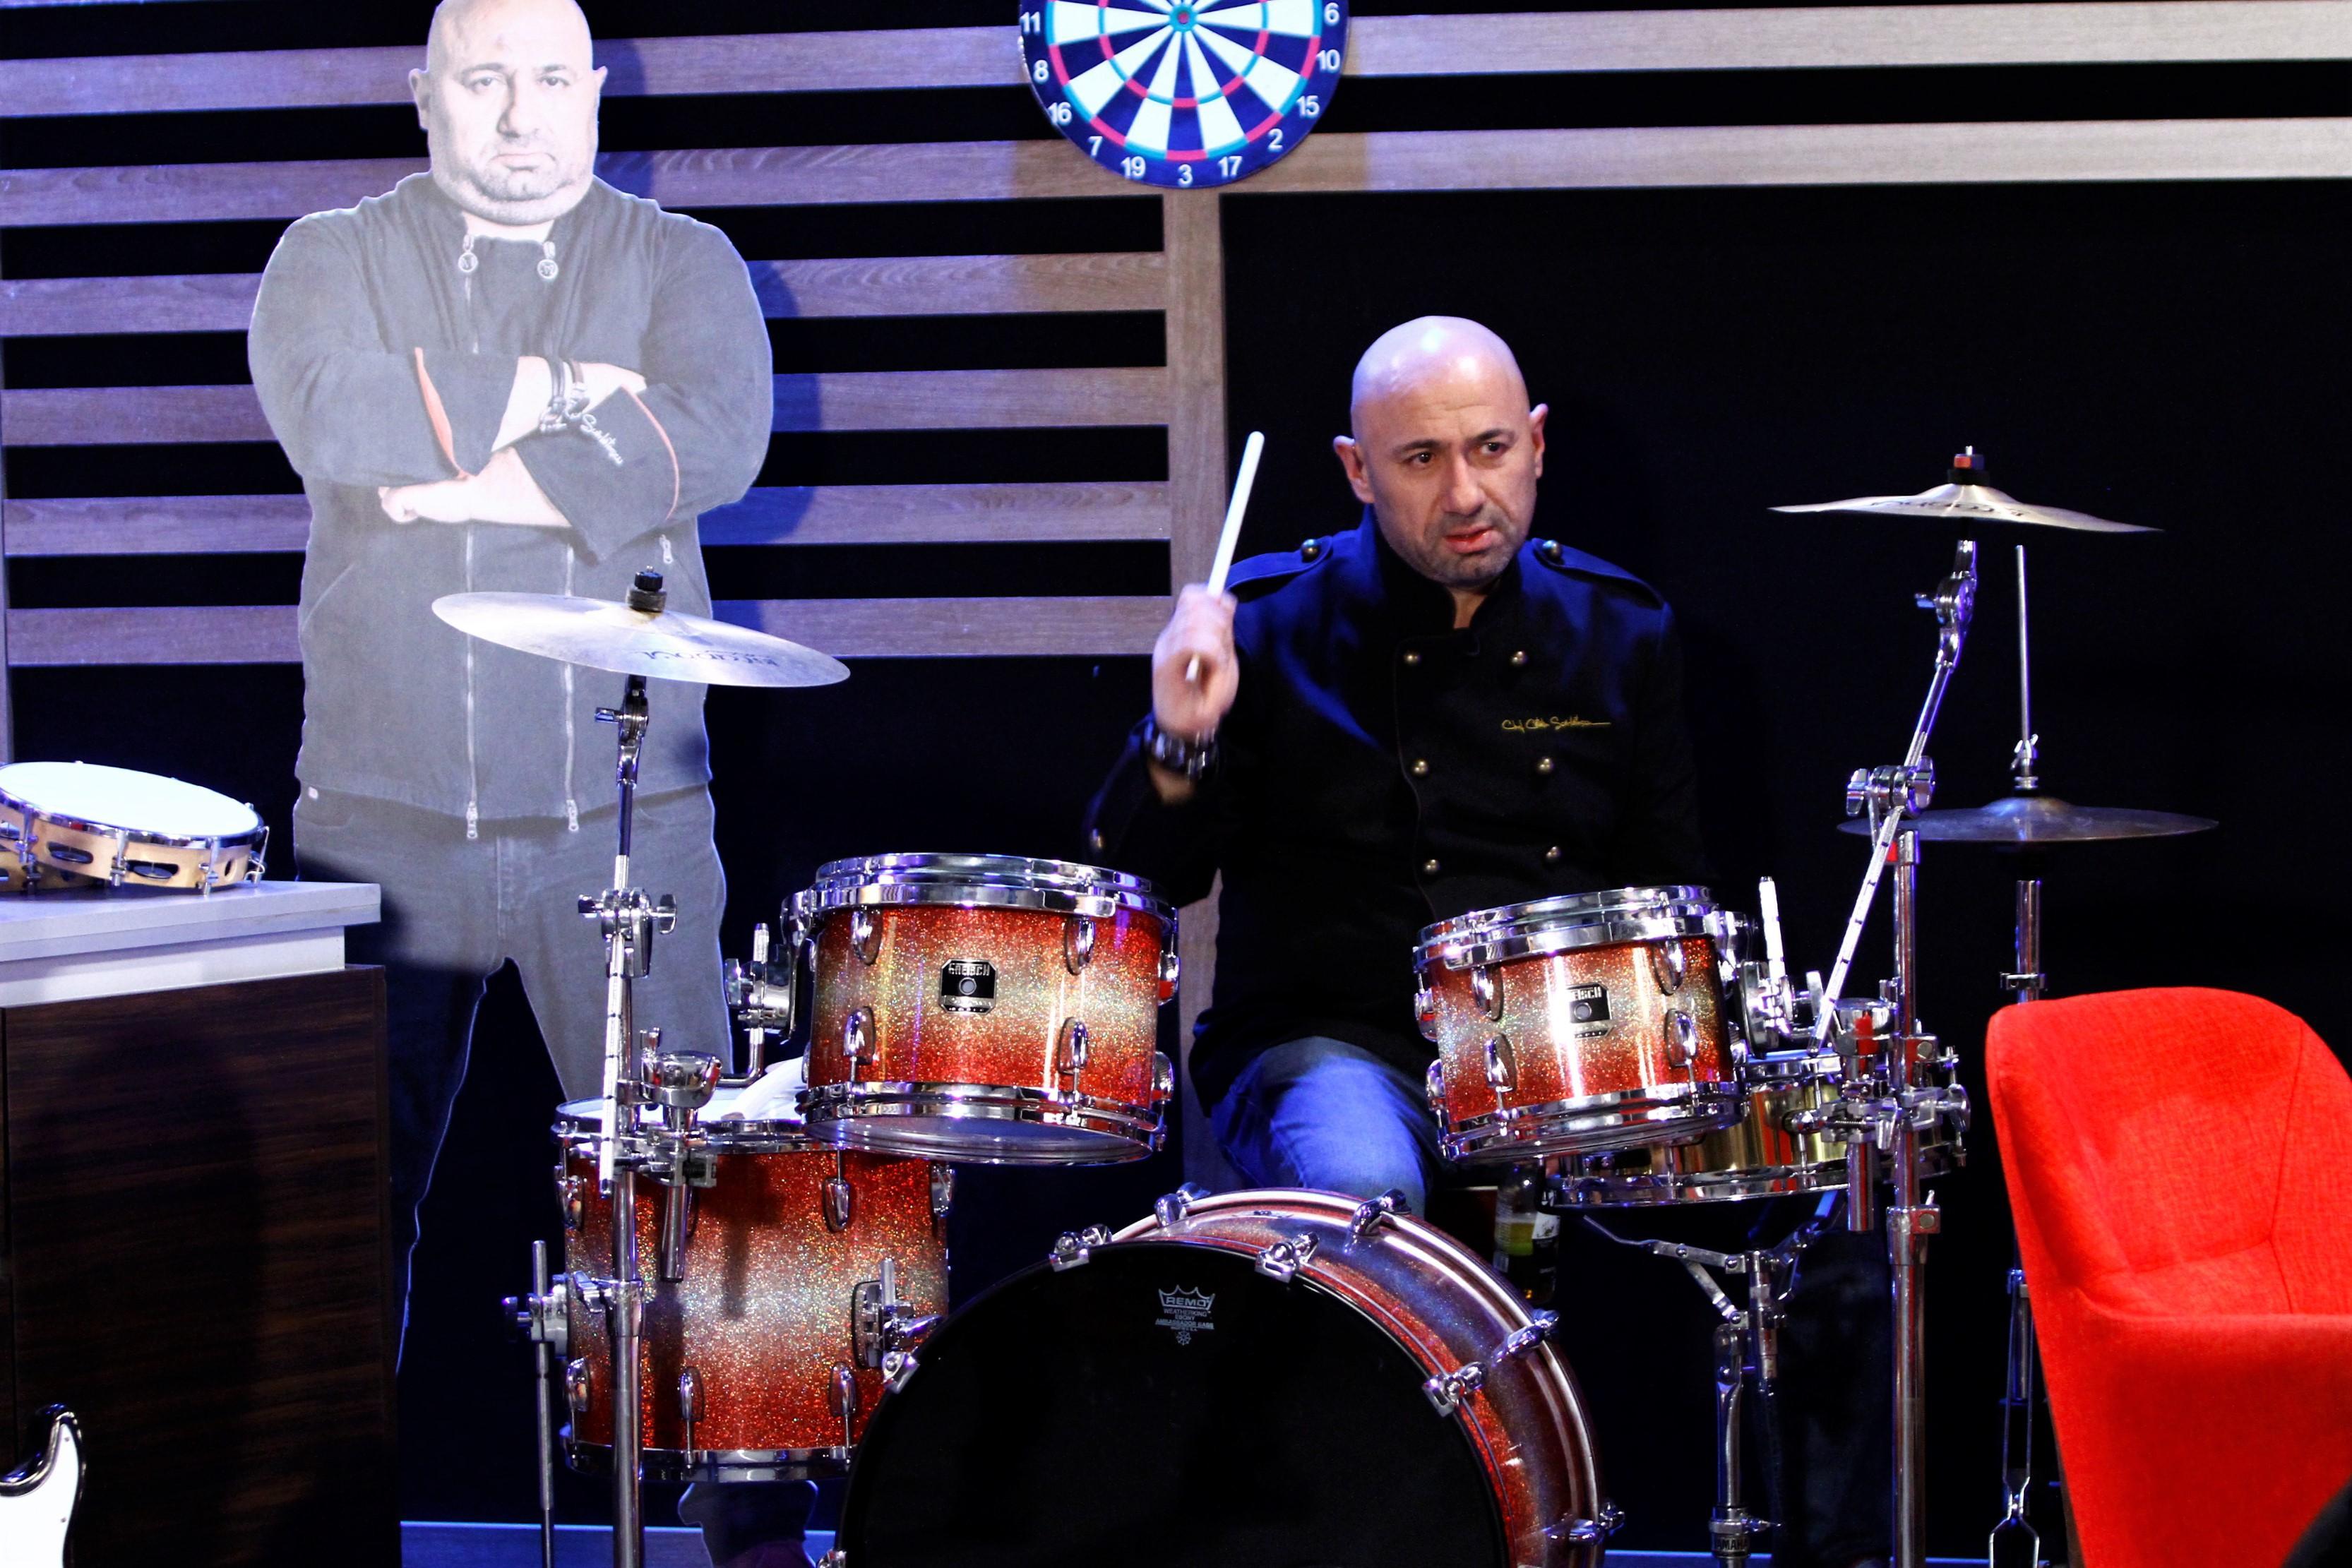 """Scărlătescu s-a apucat de cântat la tobe, dar și Dumitrescu și-a descoperit o nouă pasiune! Când începe emisiunea """"Chefi la cuțite"""""""